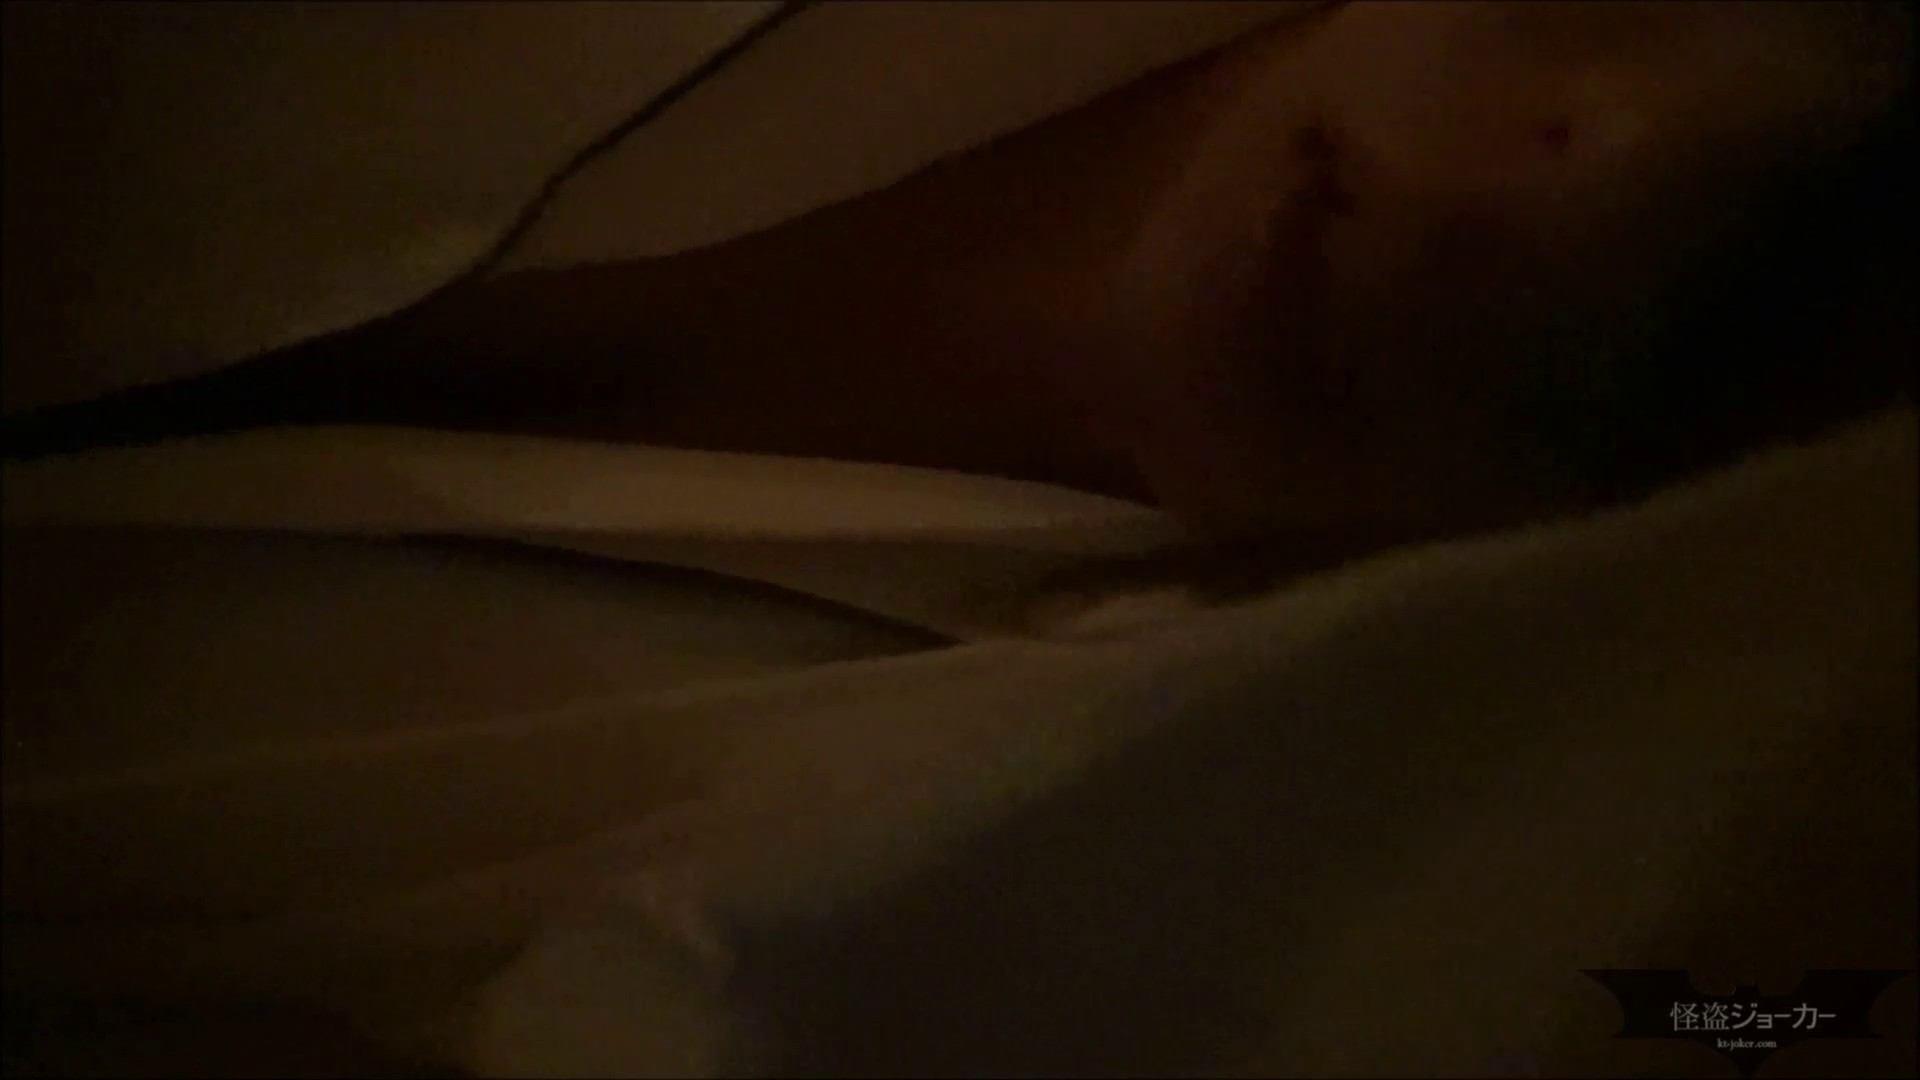 巨乳 乳首:【未公開】vol.97 {茶髪→黒髪ギャル}美巨乳アミちゃん③【後編】:怪盗ジョーカー